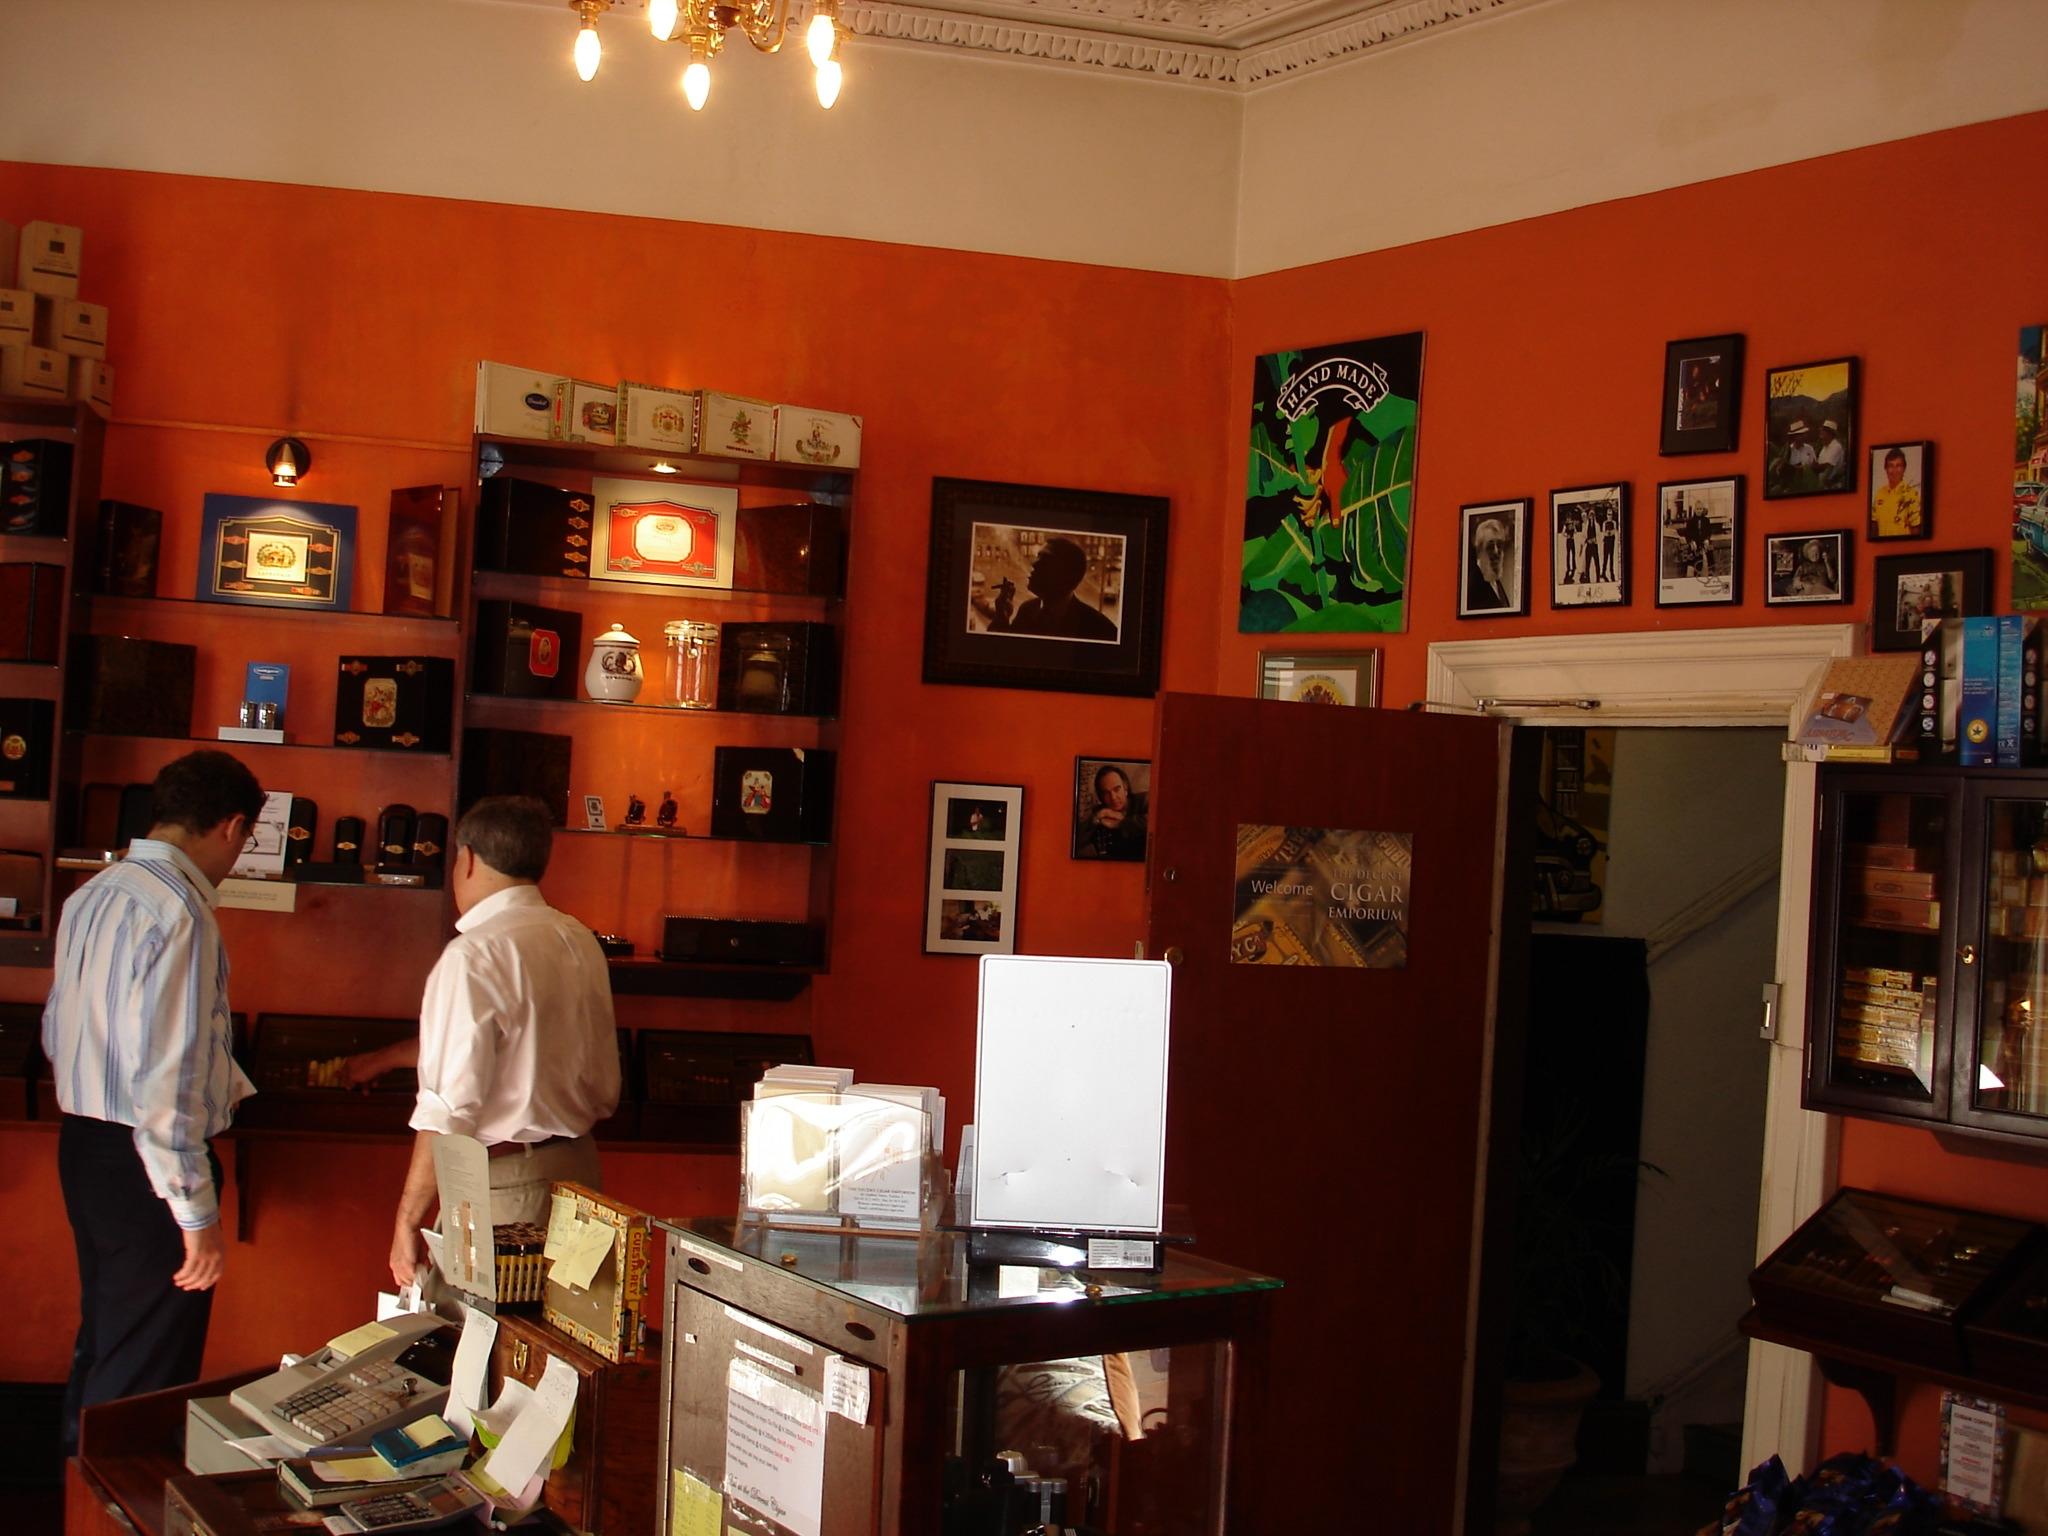 Ireland-Cigar-Shop-inside2.jpg